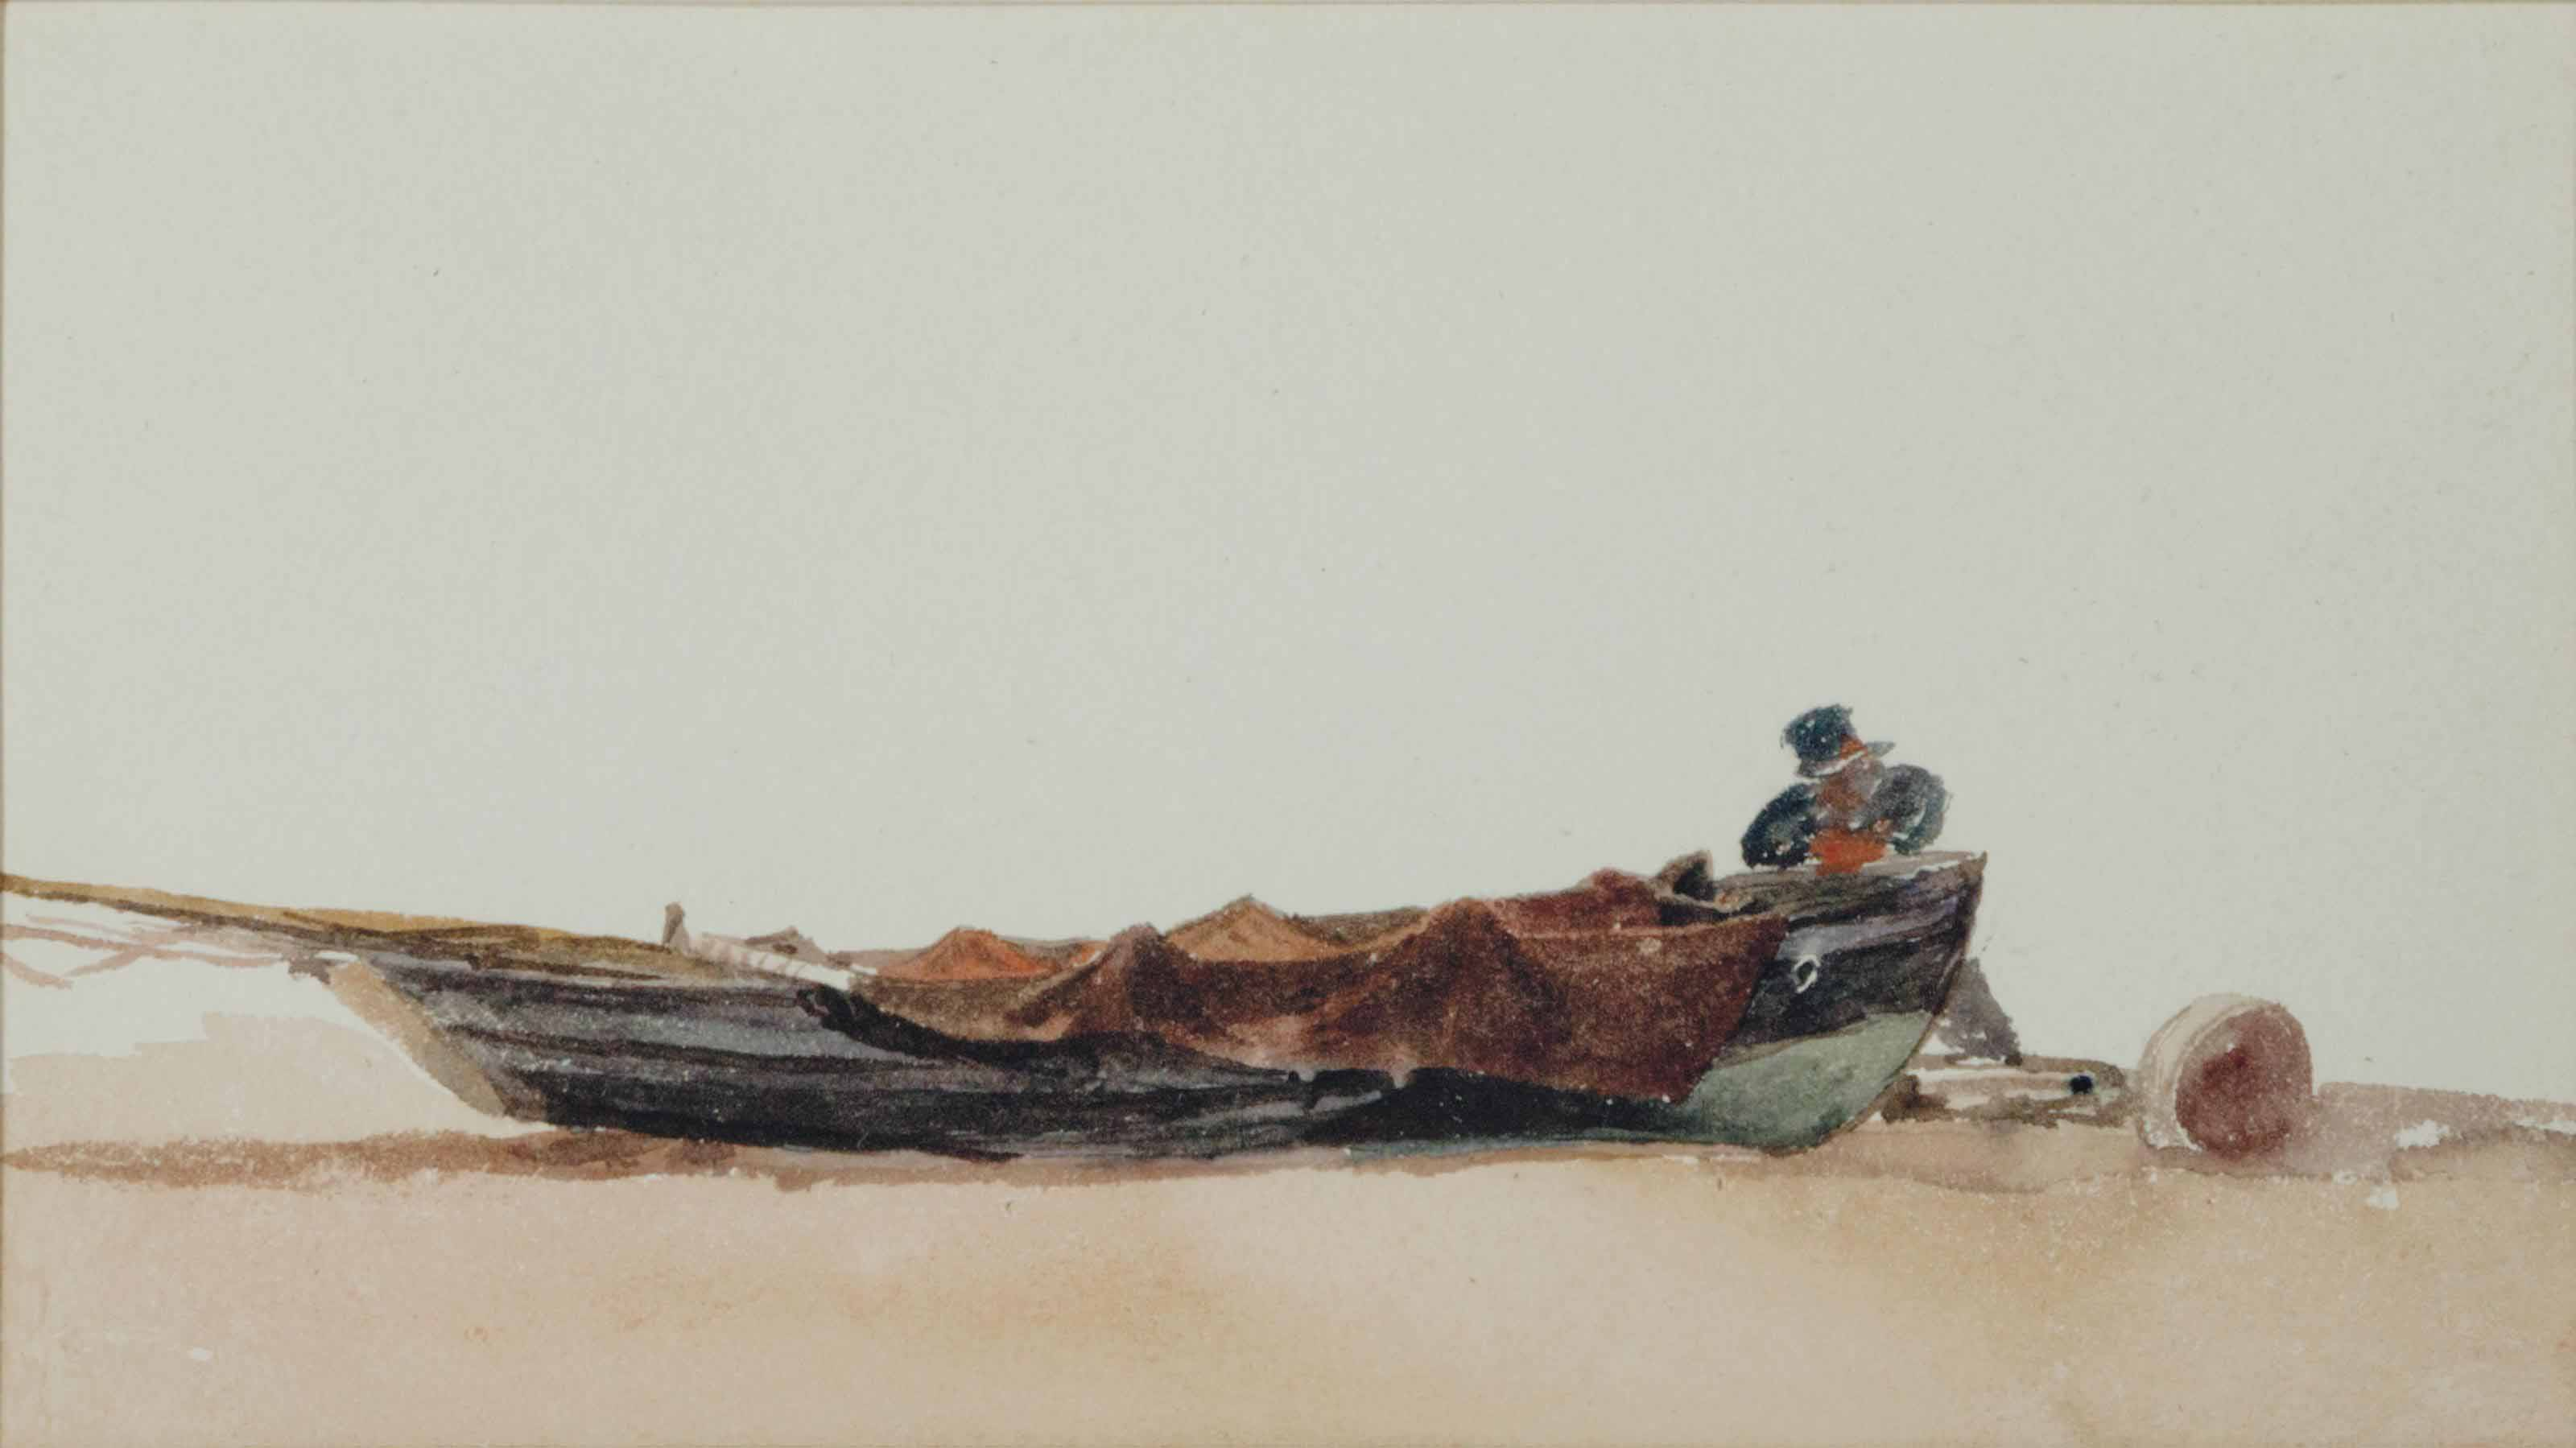 Peter de Wint (British, 1784-1